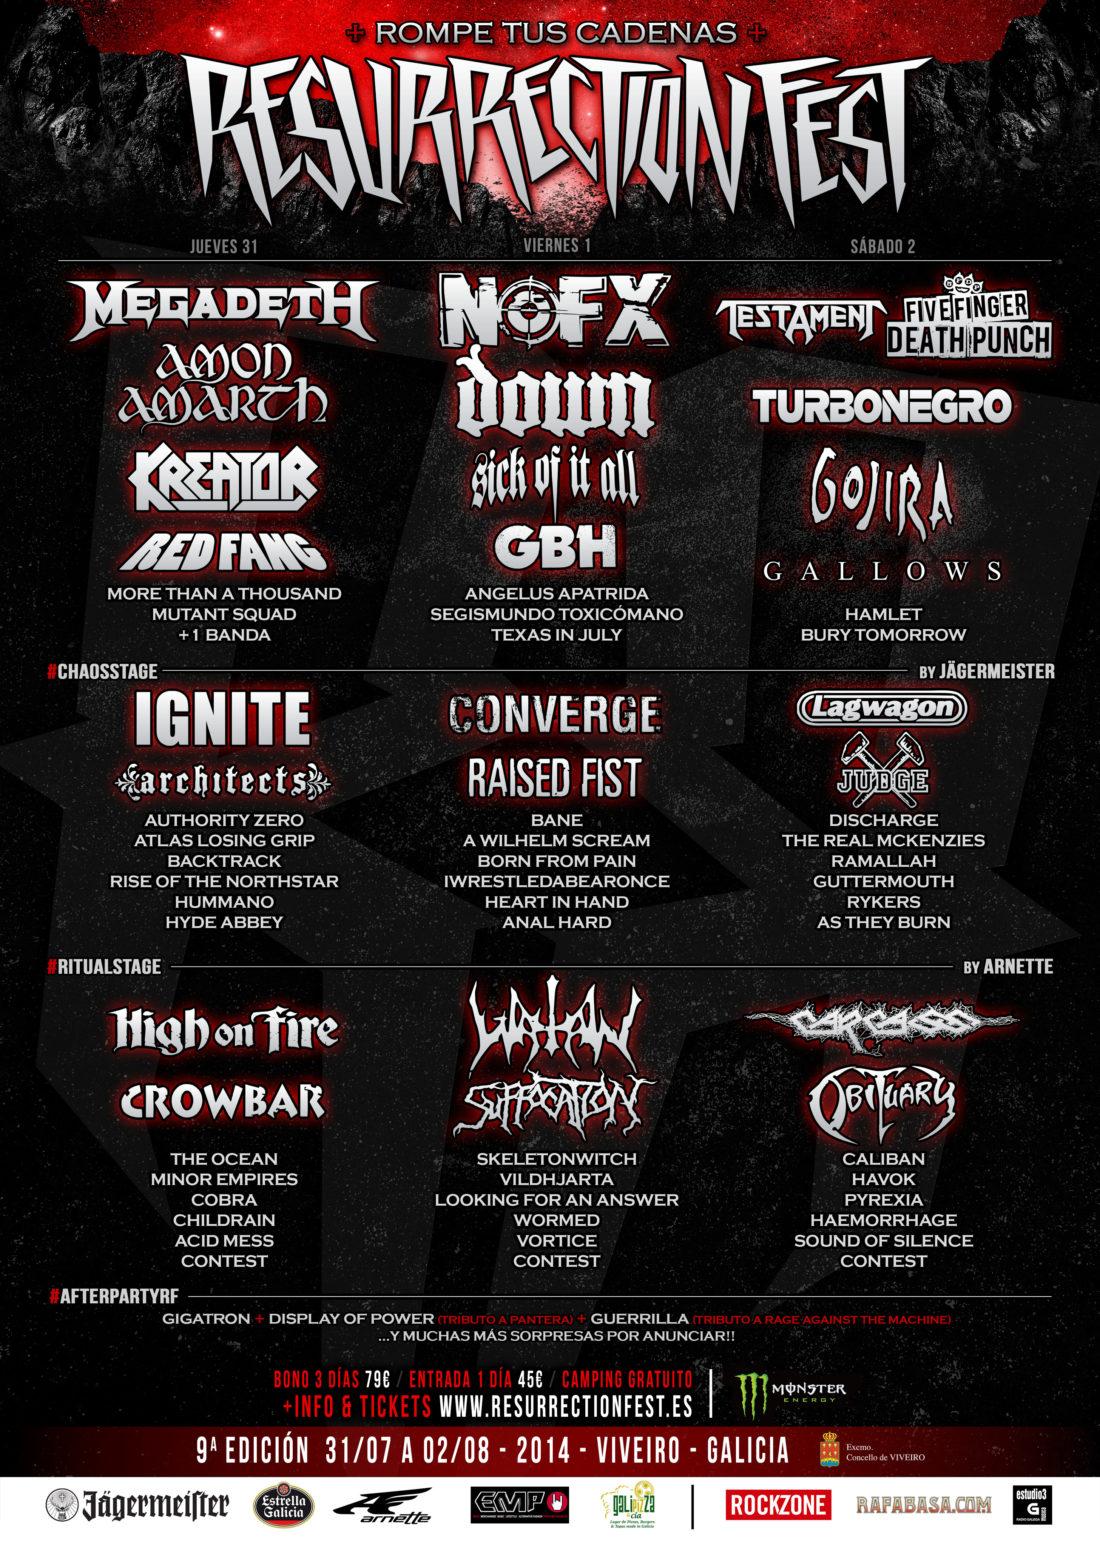 Cartel del Resurrection Fest 2014 por días y nuevas bandas